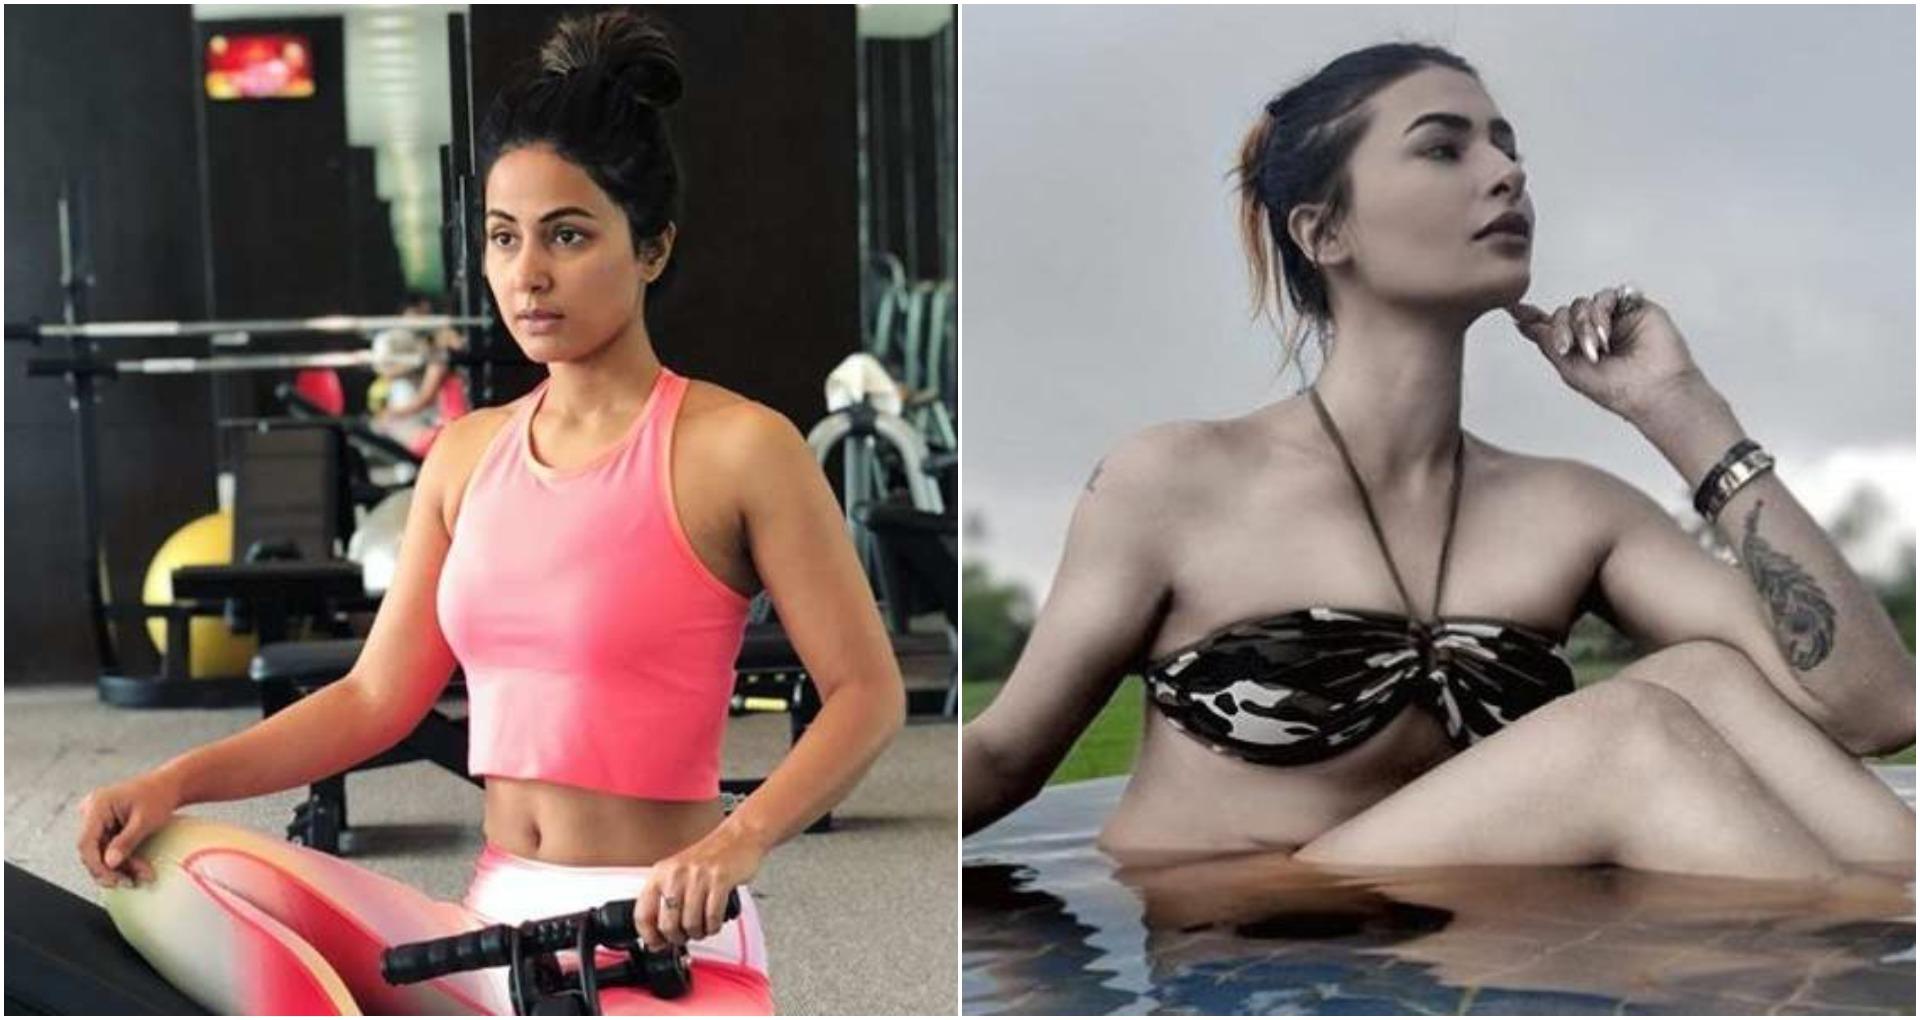 Trending News: हिना खान कीकांस फेस्टिवल तैयारी जोरो पर, नागिन 3 एक्ट्रेस ने पहनाबैक लेस ब्लाउज तो मचा बवाल